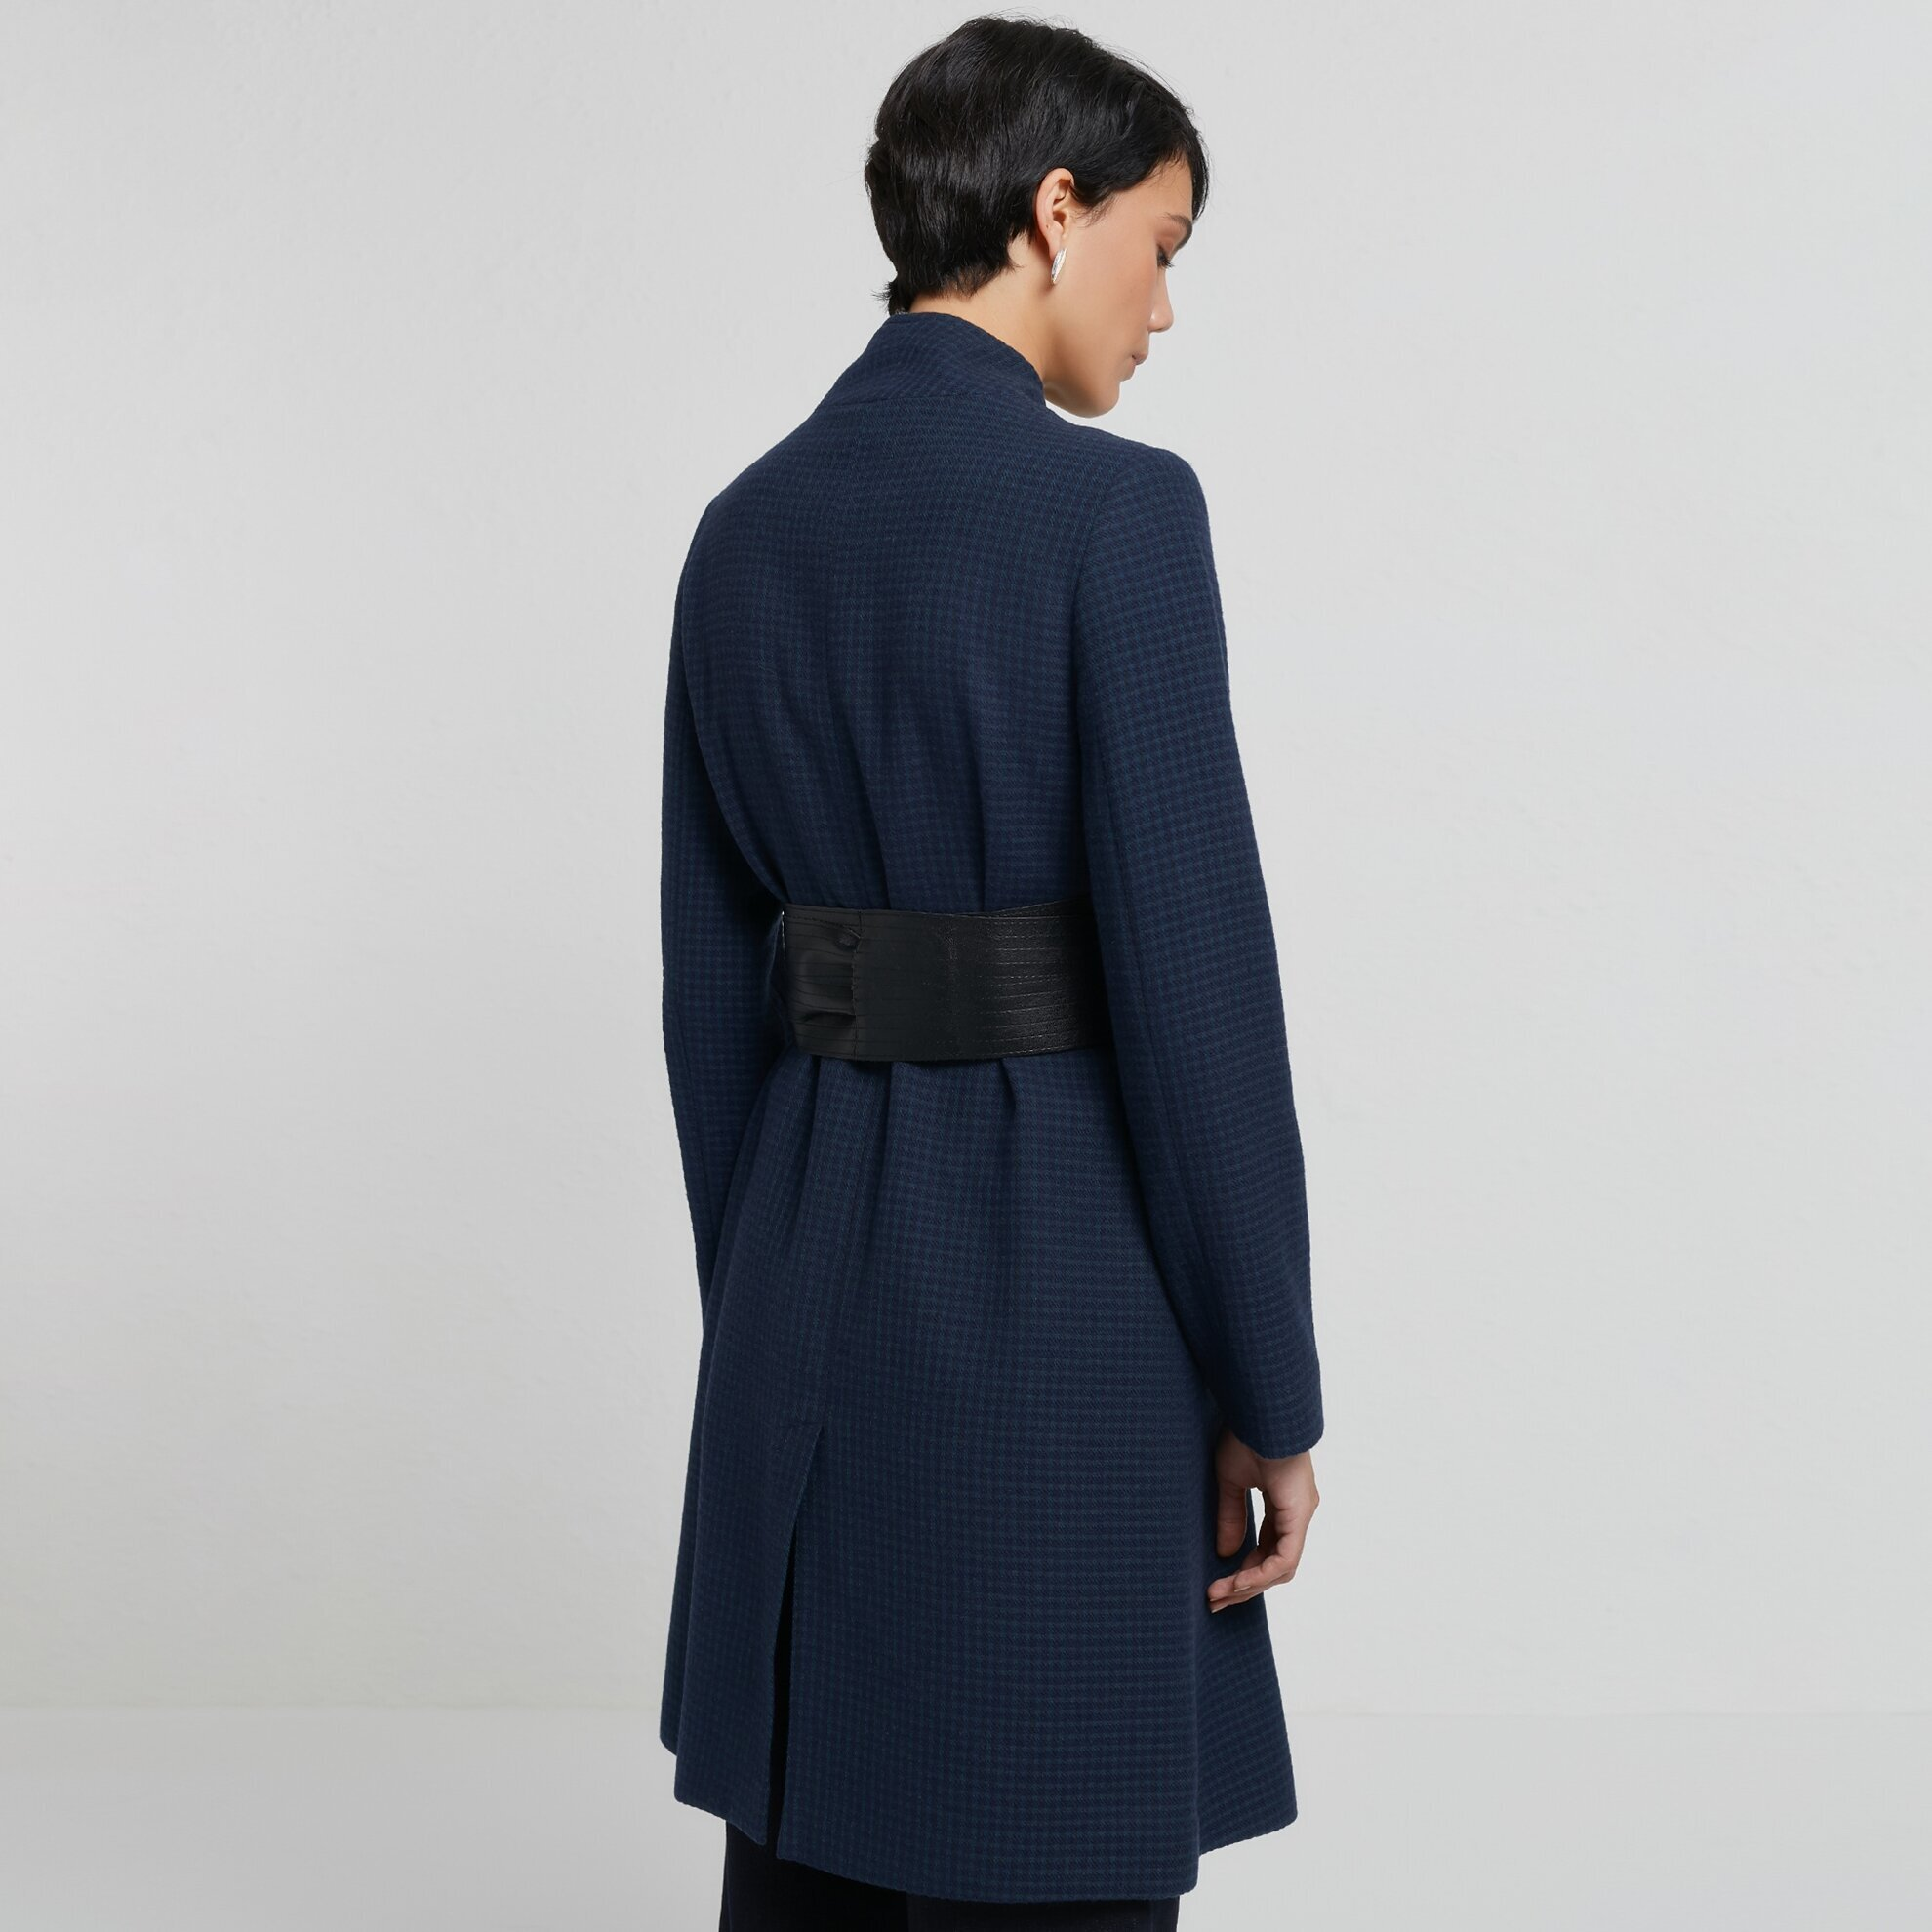 Kimono Yaka Palto